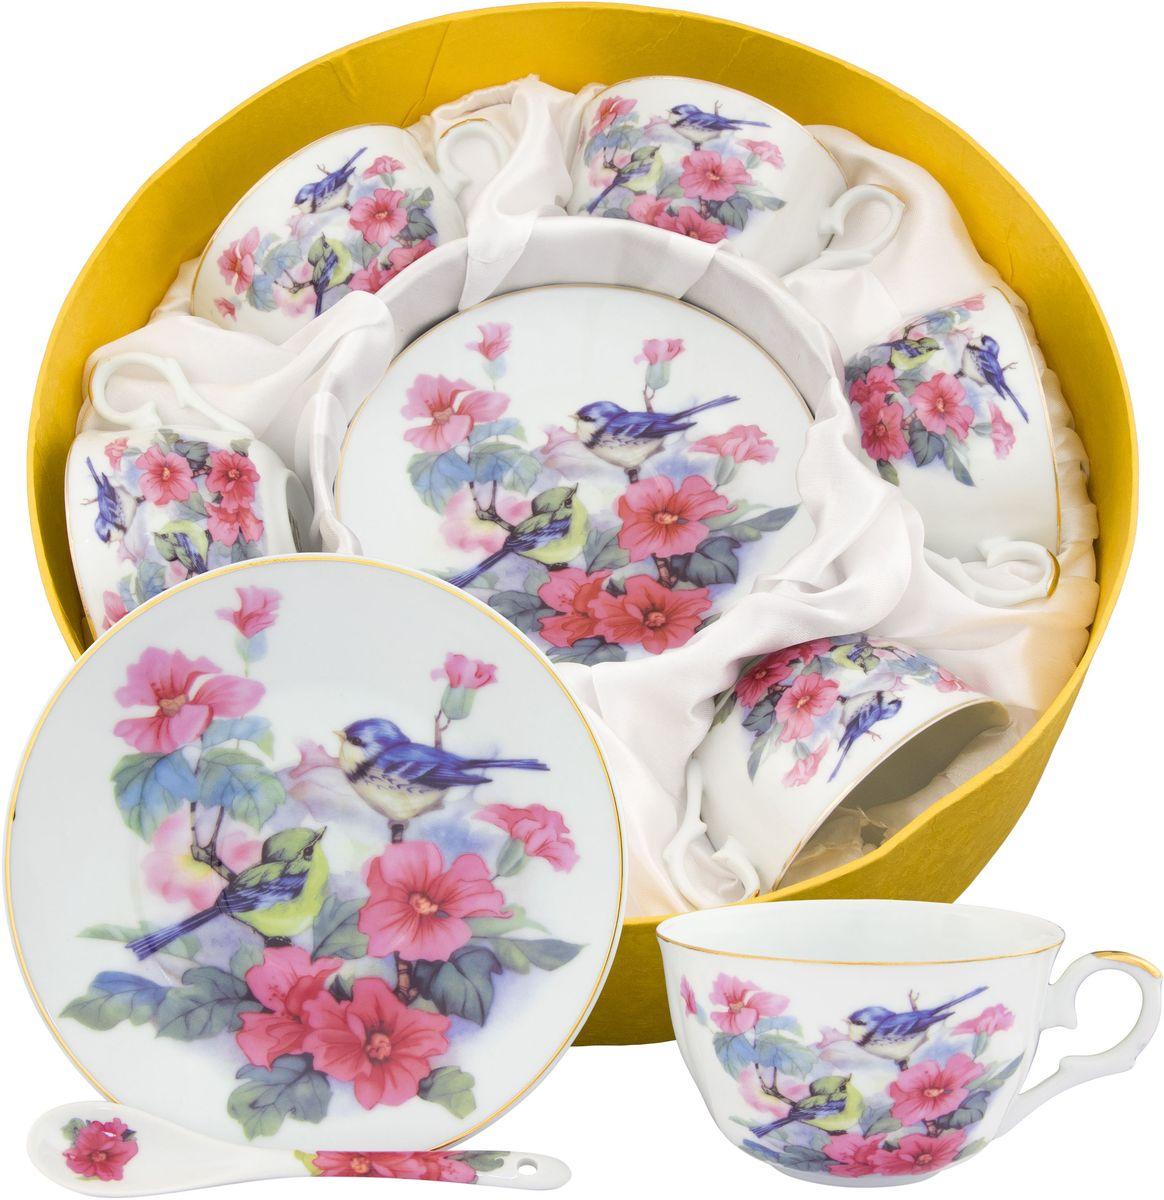 Чайный набор Elan Gallery Синички в шиповнике, с ложкой, 18 предметовVT-1520(SR)Набор на 6 персон сделает Ваше чаепитие незабываемым. В комплекте: 6 чашек объемом 250 мл, 6 блюдец, 6 ложек. Изделие имеет подарочную упаковку с шелковой подложкой, поэтому станет желанным подарком для Ваших близких!Модные наборы для чаепития Elan Gallery являются верным выбором для любого гардероба. Внешний вид наборов основательно выверен. Все части аккуратно выбраны и отлично подходят друг к другу.